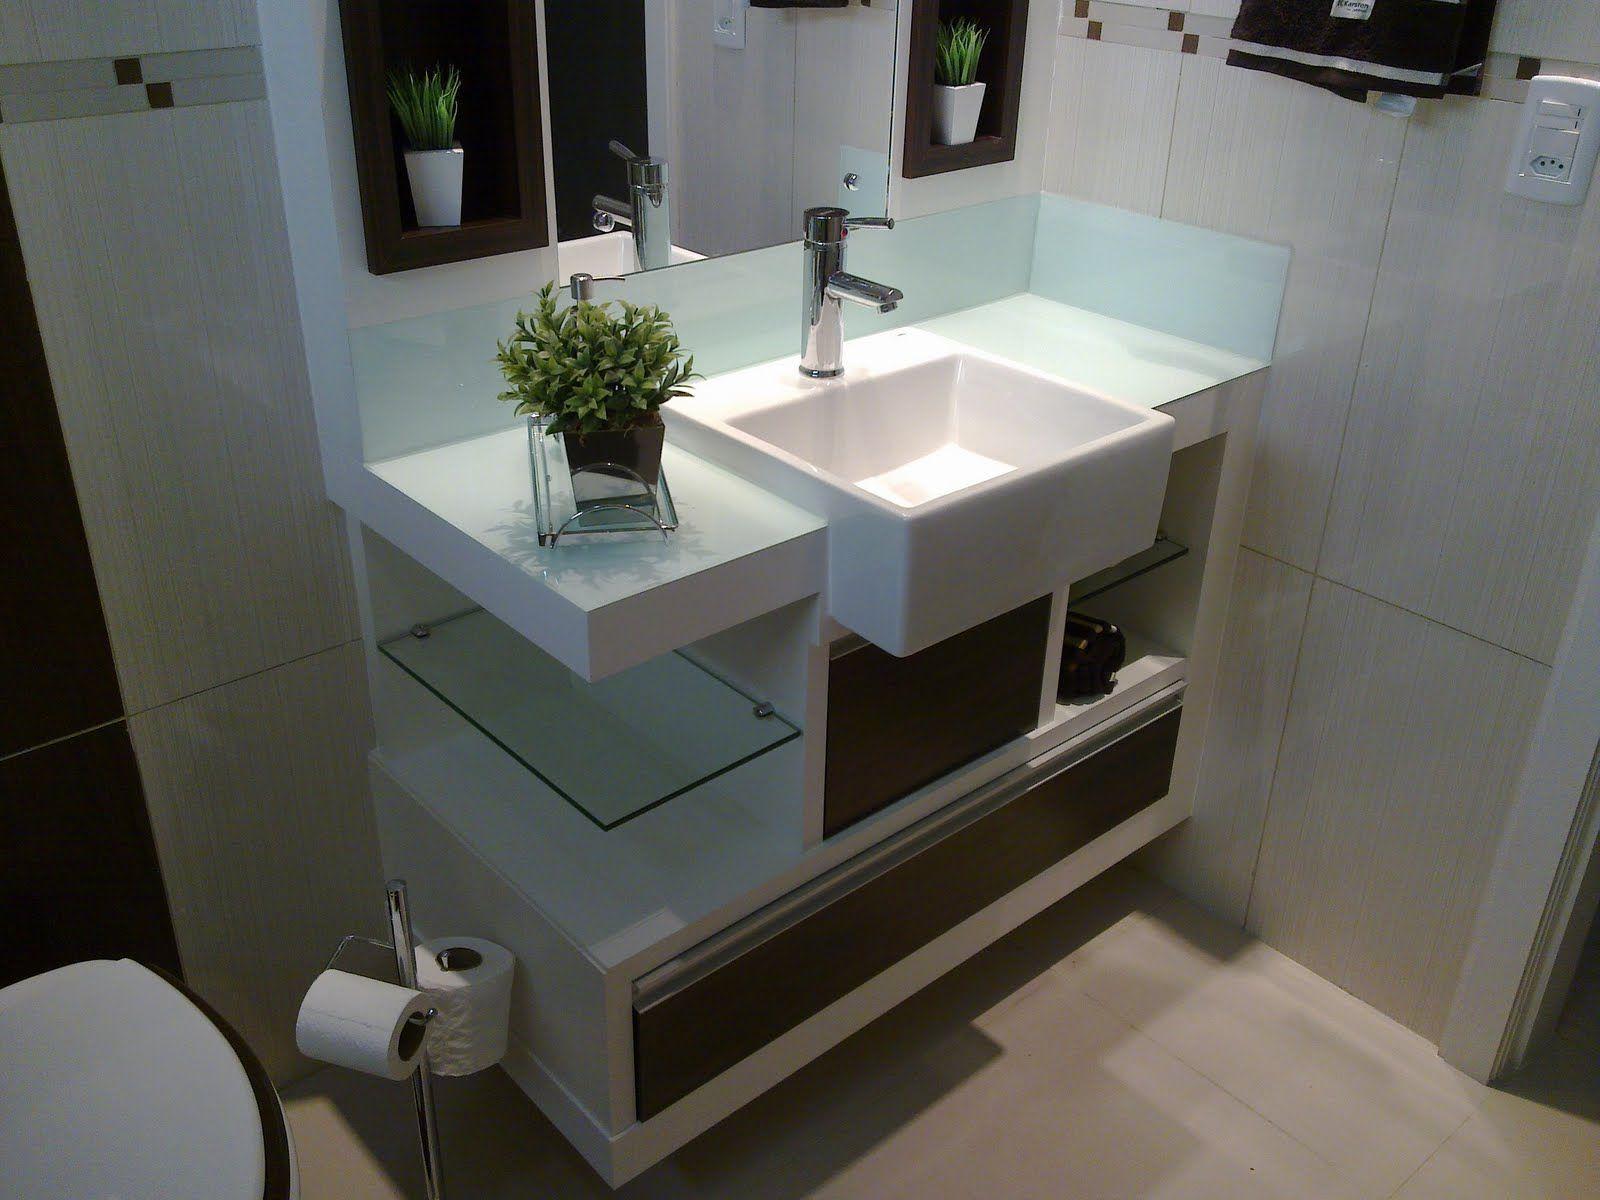 armario de banheiro pequeno planejado  Pesquisa Google  Banheiros  Pintere -> Banheiro Pequeno Gabinete